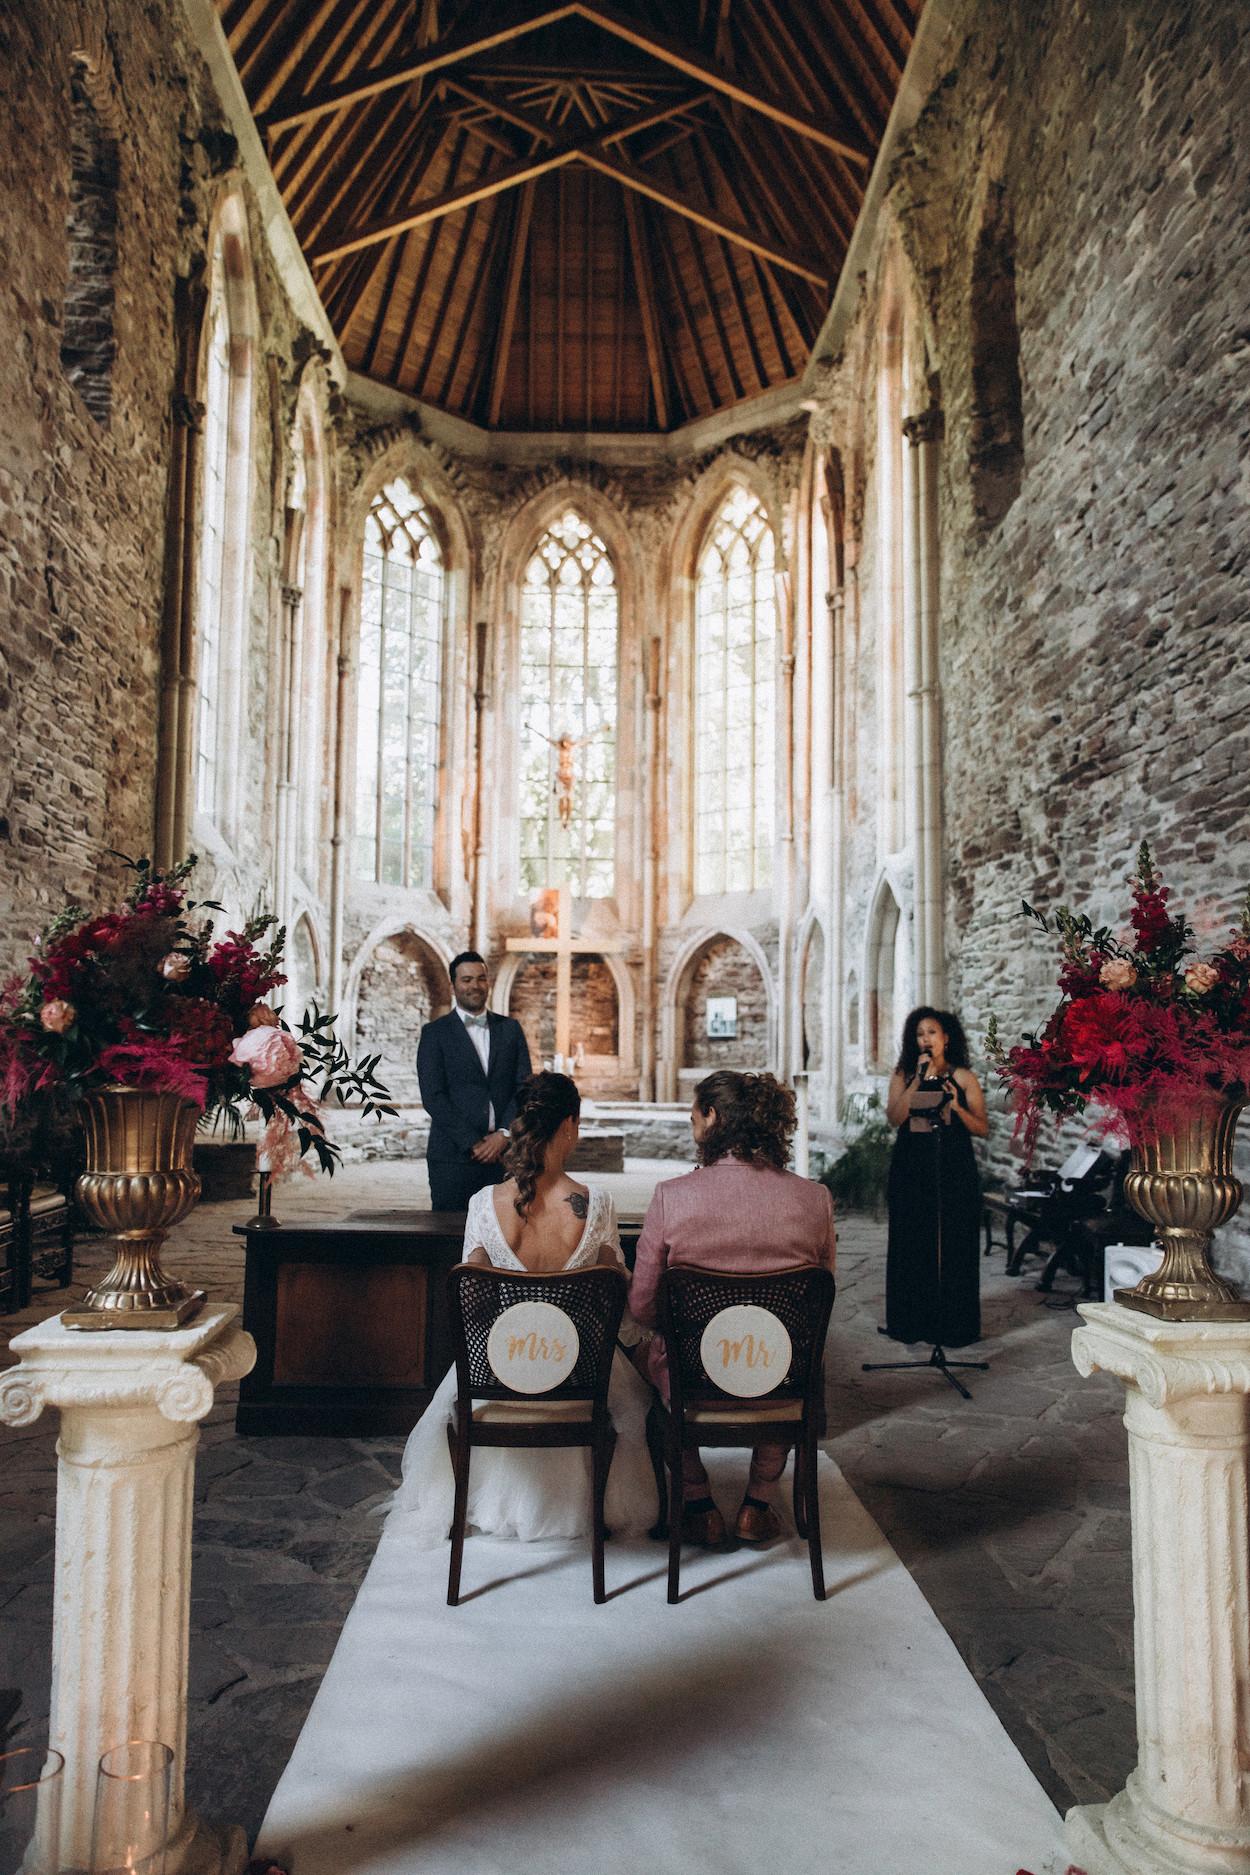 Freie trauung Kloster Neuwied Abtei Montabaur Rheinland Pfalz